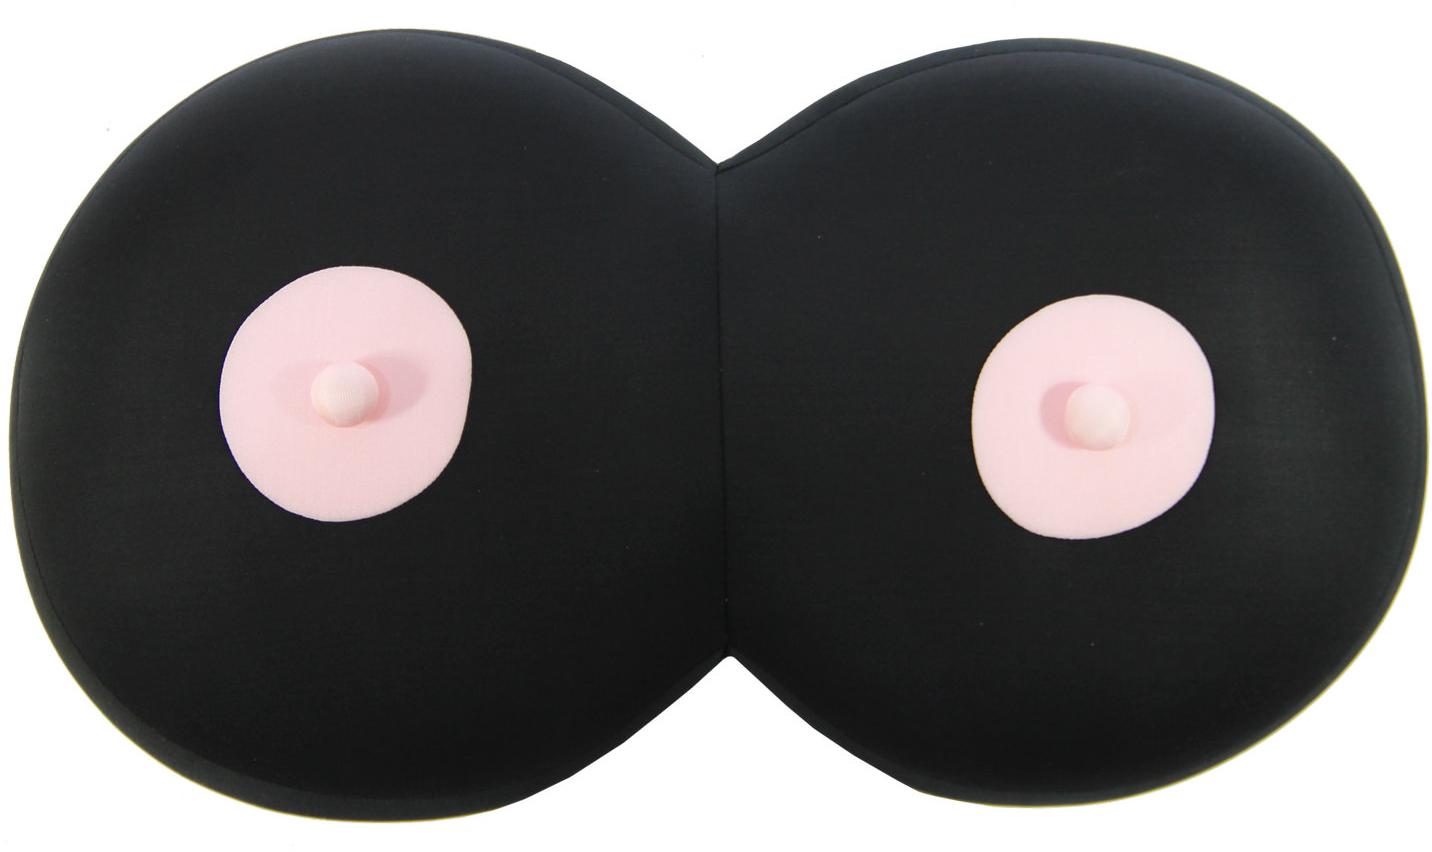 Штучки, к которым тянутся ручки Подушка-игрушка антистрессовая Бюст цвет черный